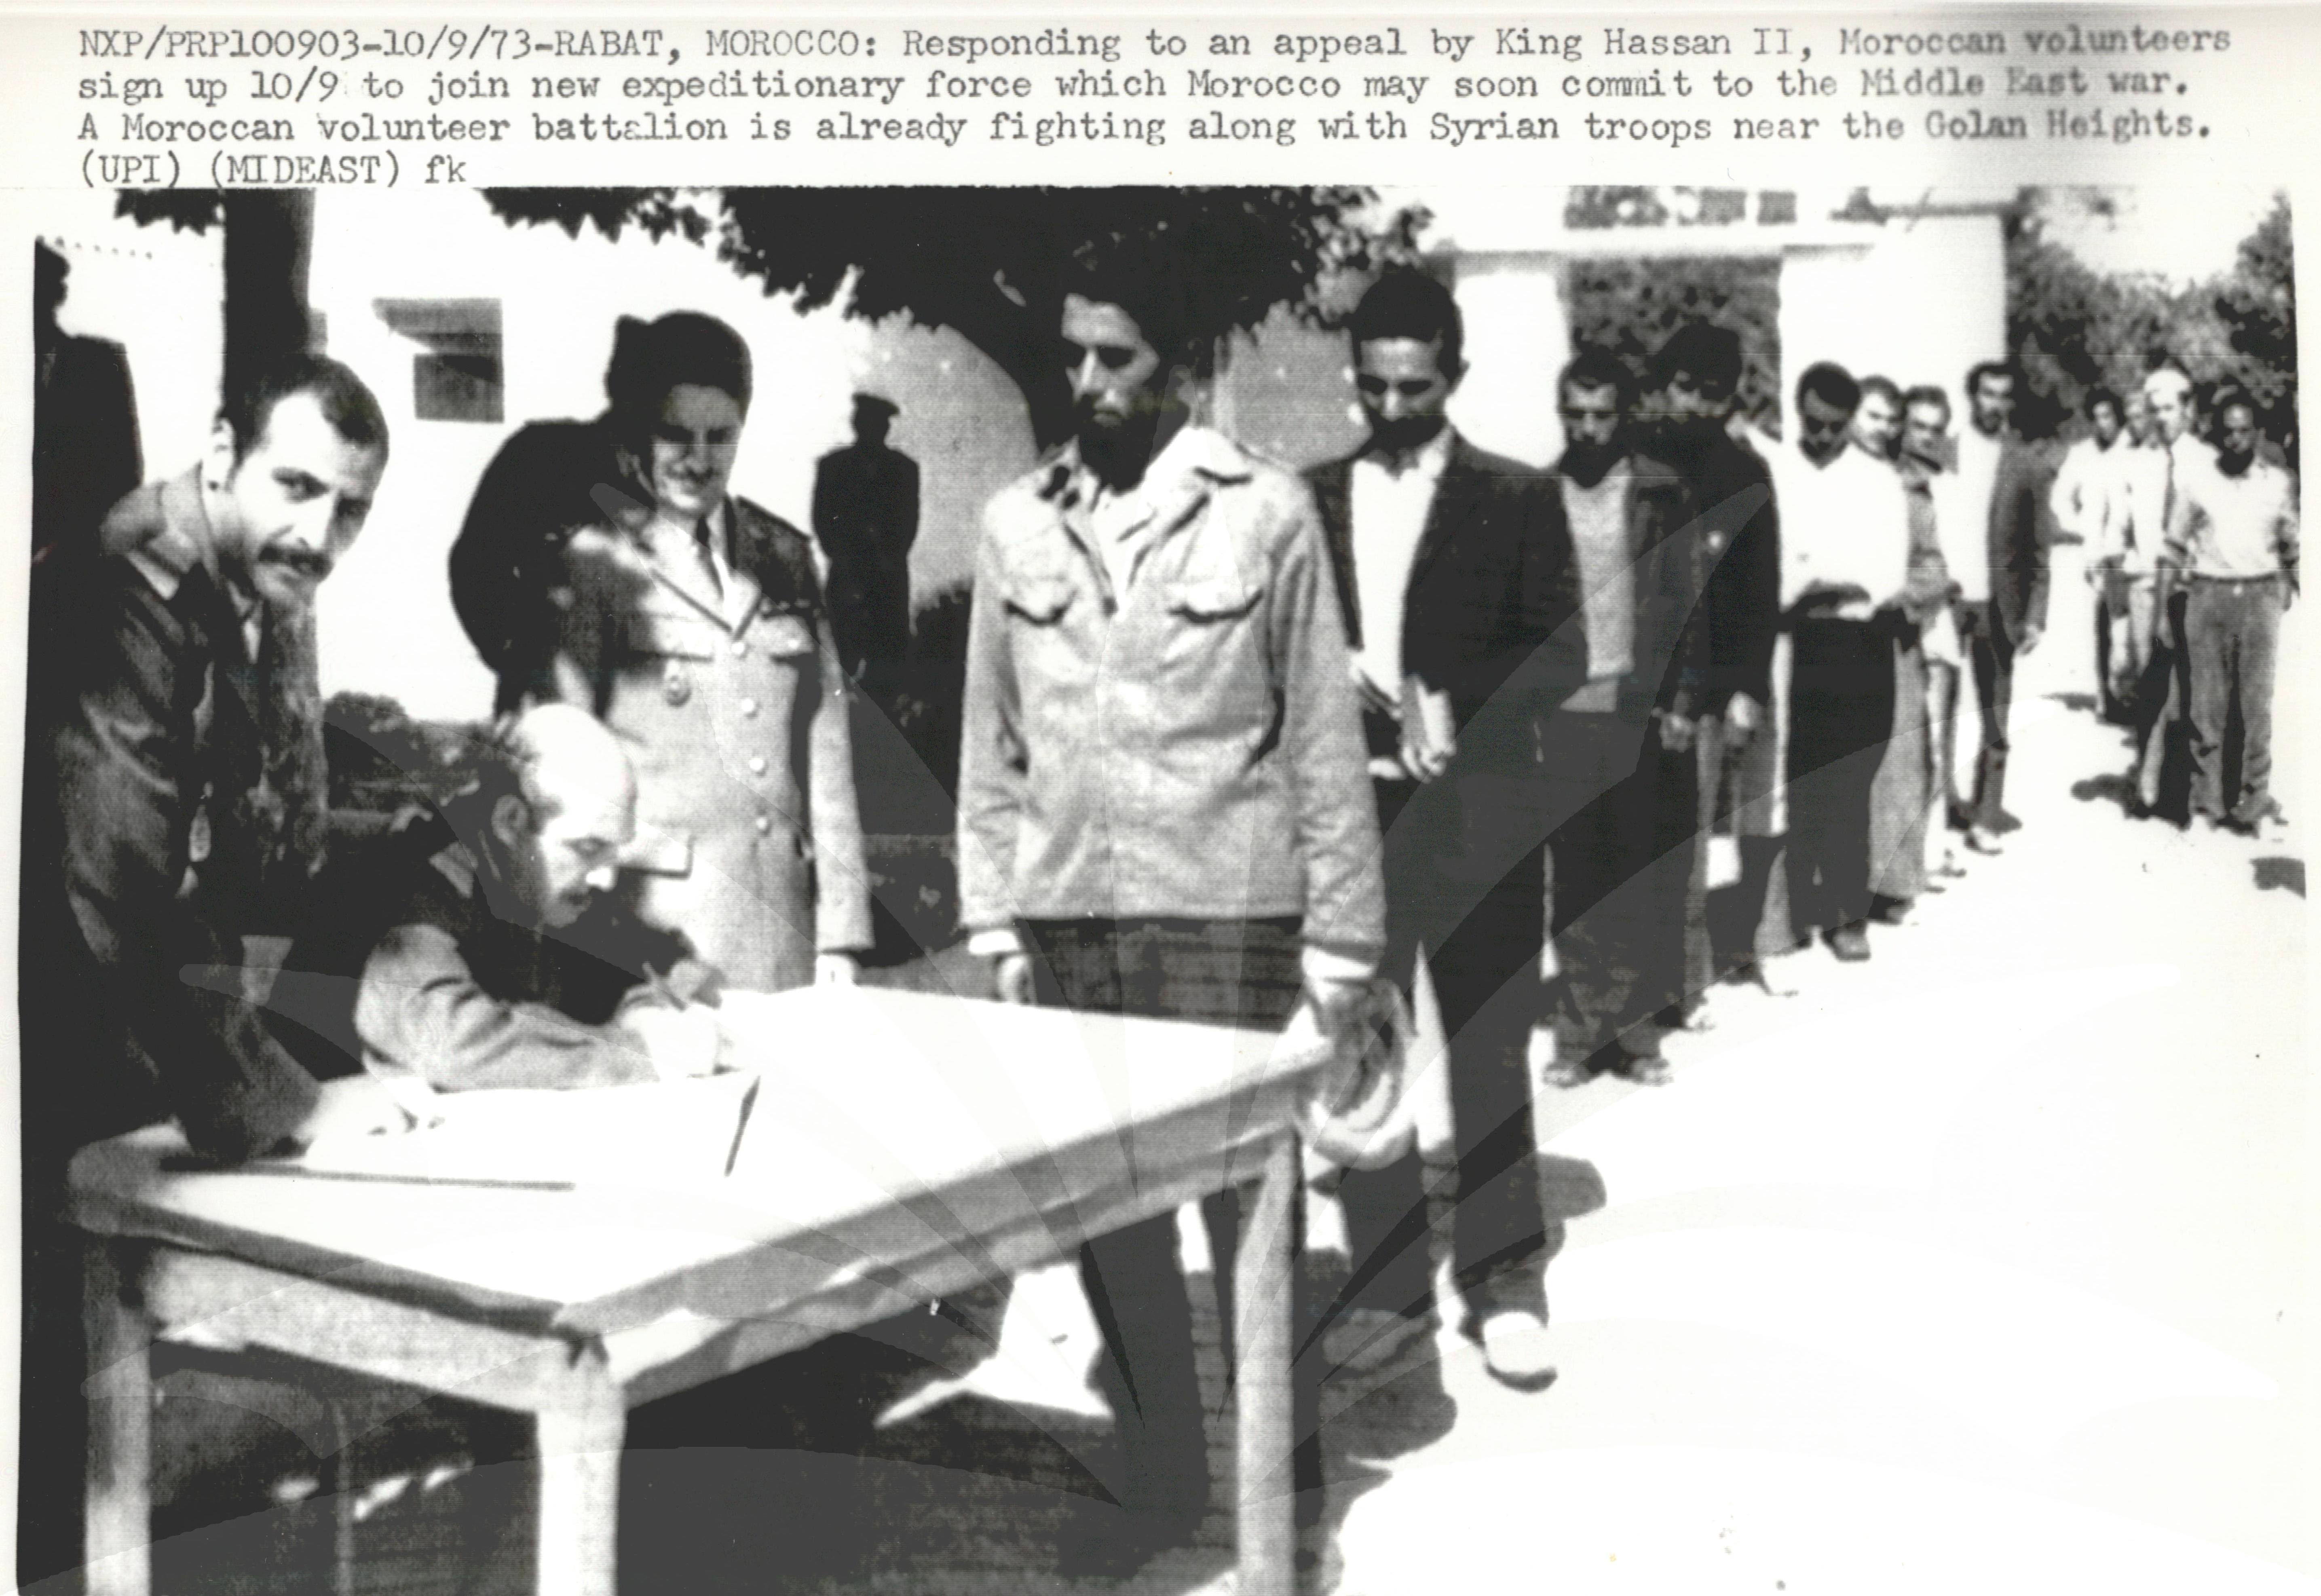 les FAR dans la Guerre d'octobre 1973 - Page 2 35354692644_8609243250_o